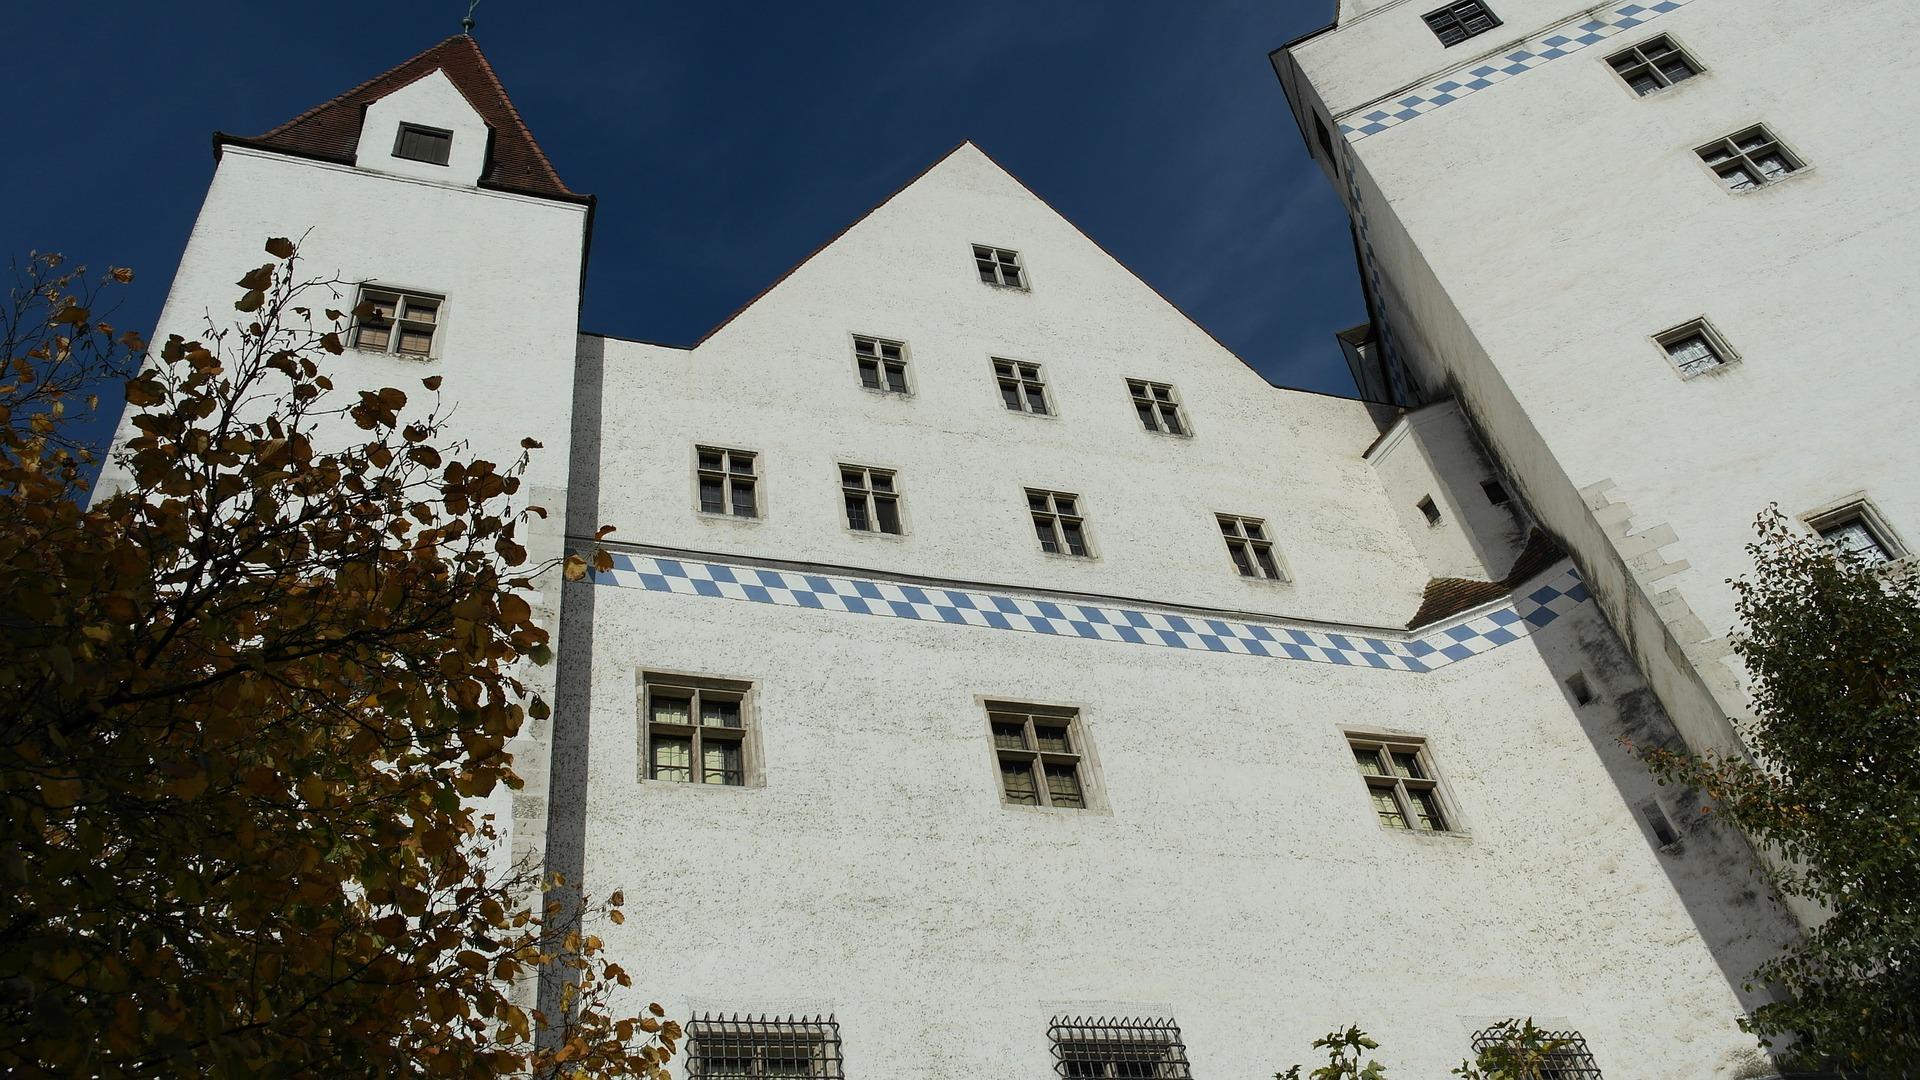 Aussicht Auf Eine Burg In Ingolstadt Von Unten